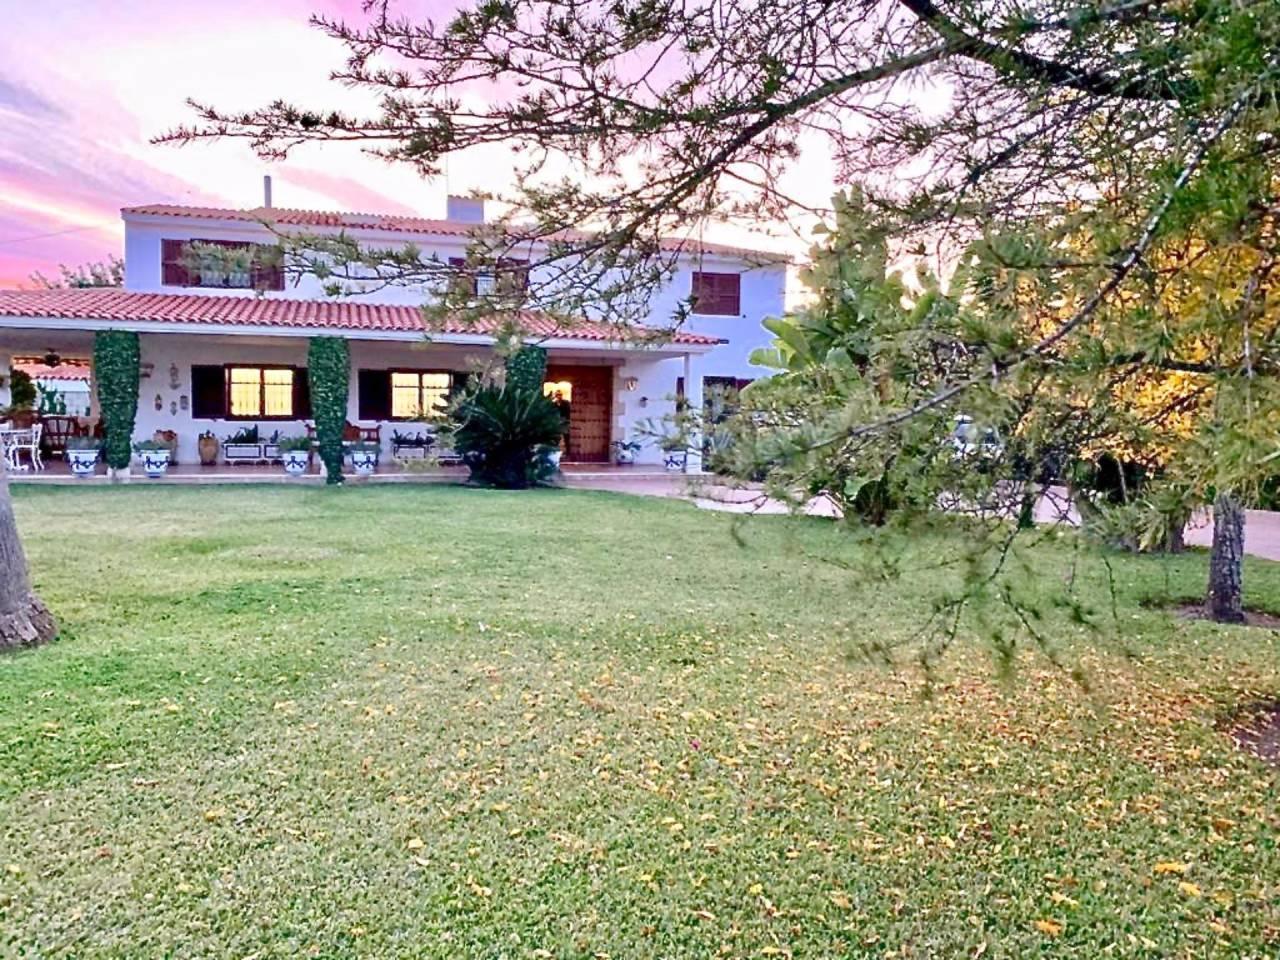 Casa  Sant joan d´alacant. Fantástico chalet independiente con parcela de 1200m2. casa de 3